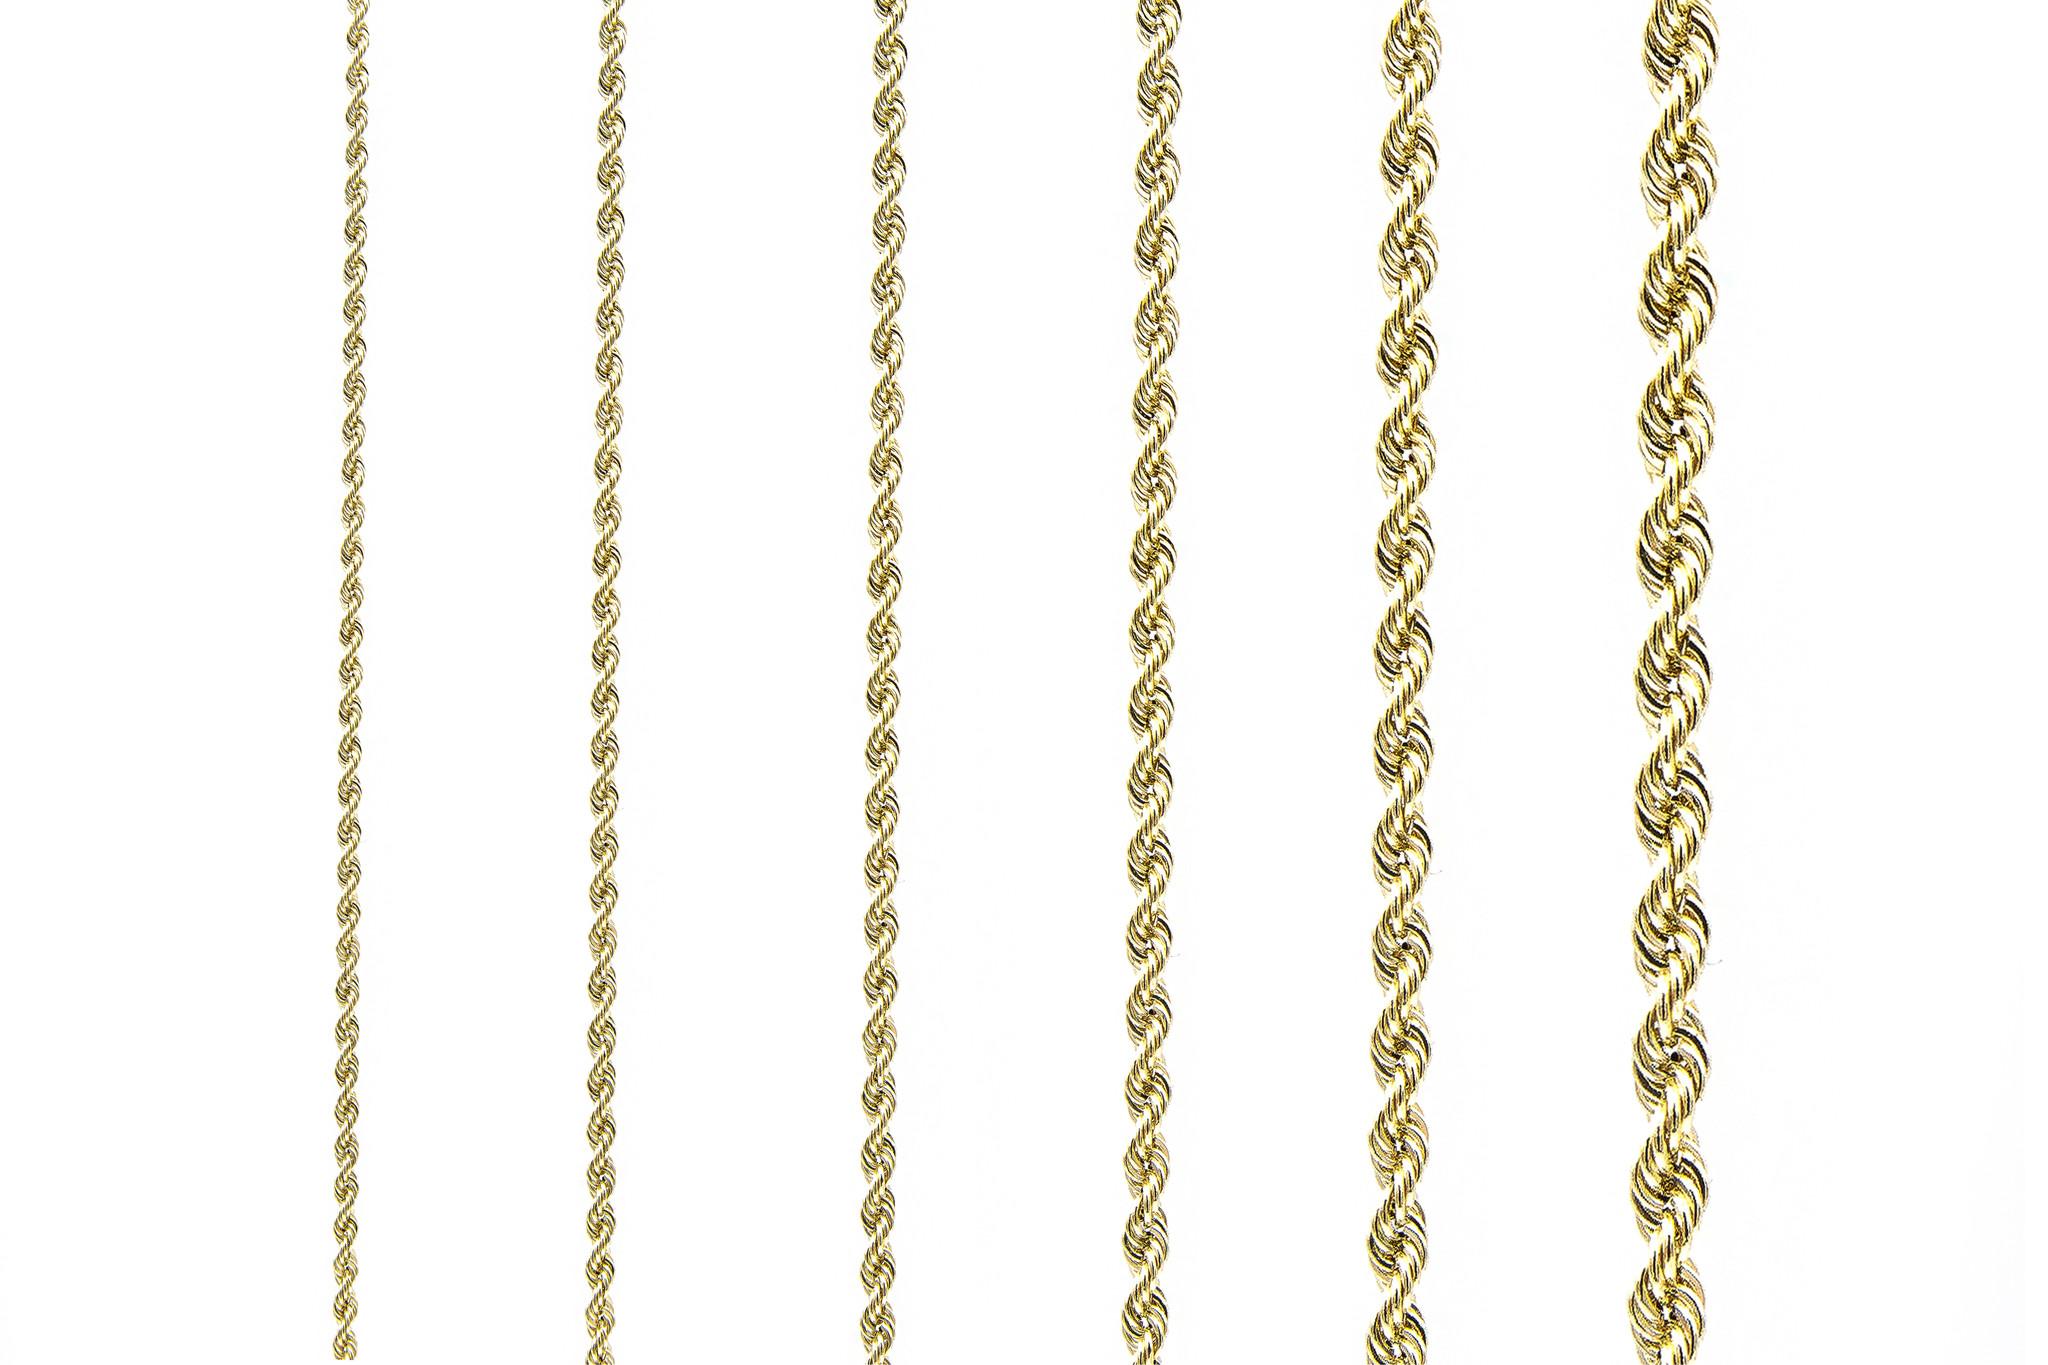 Rope Chain 18k-2